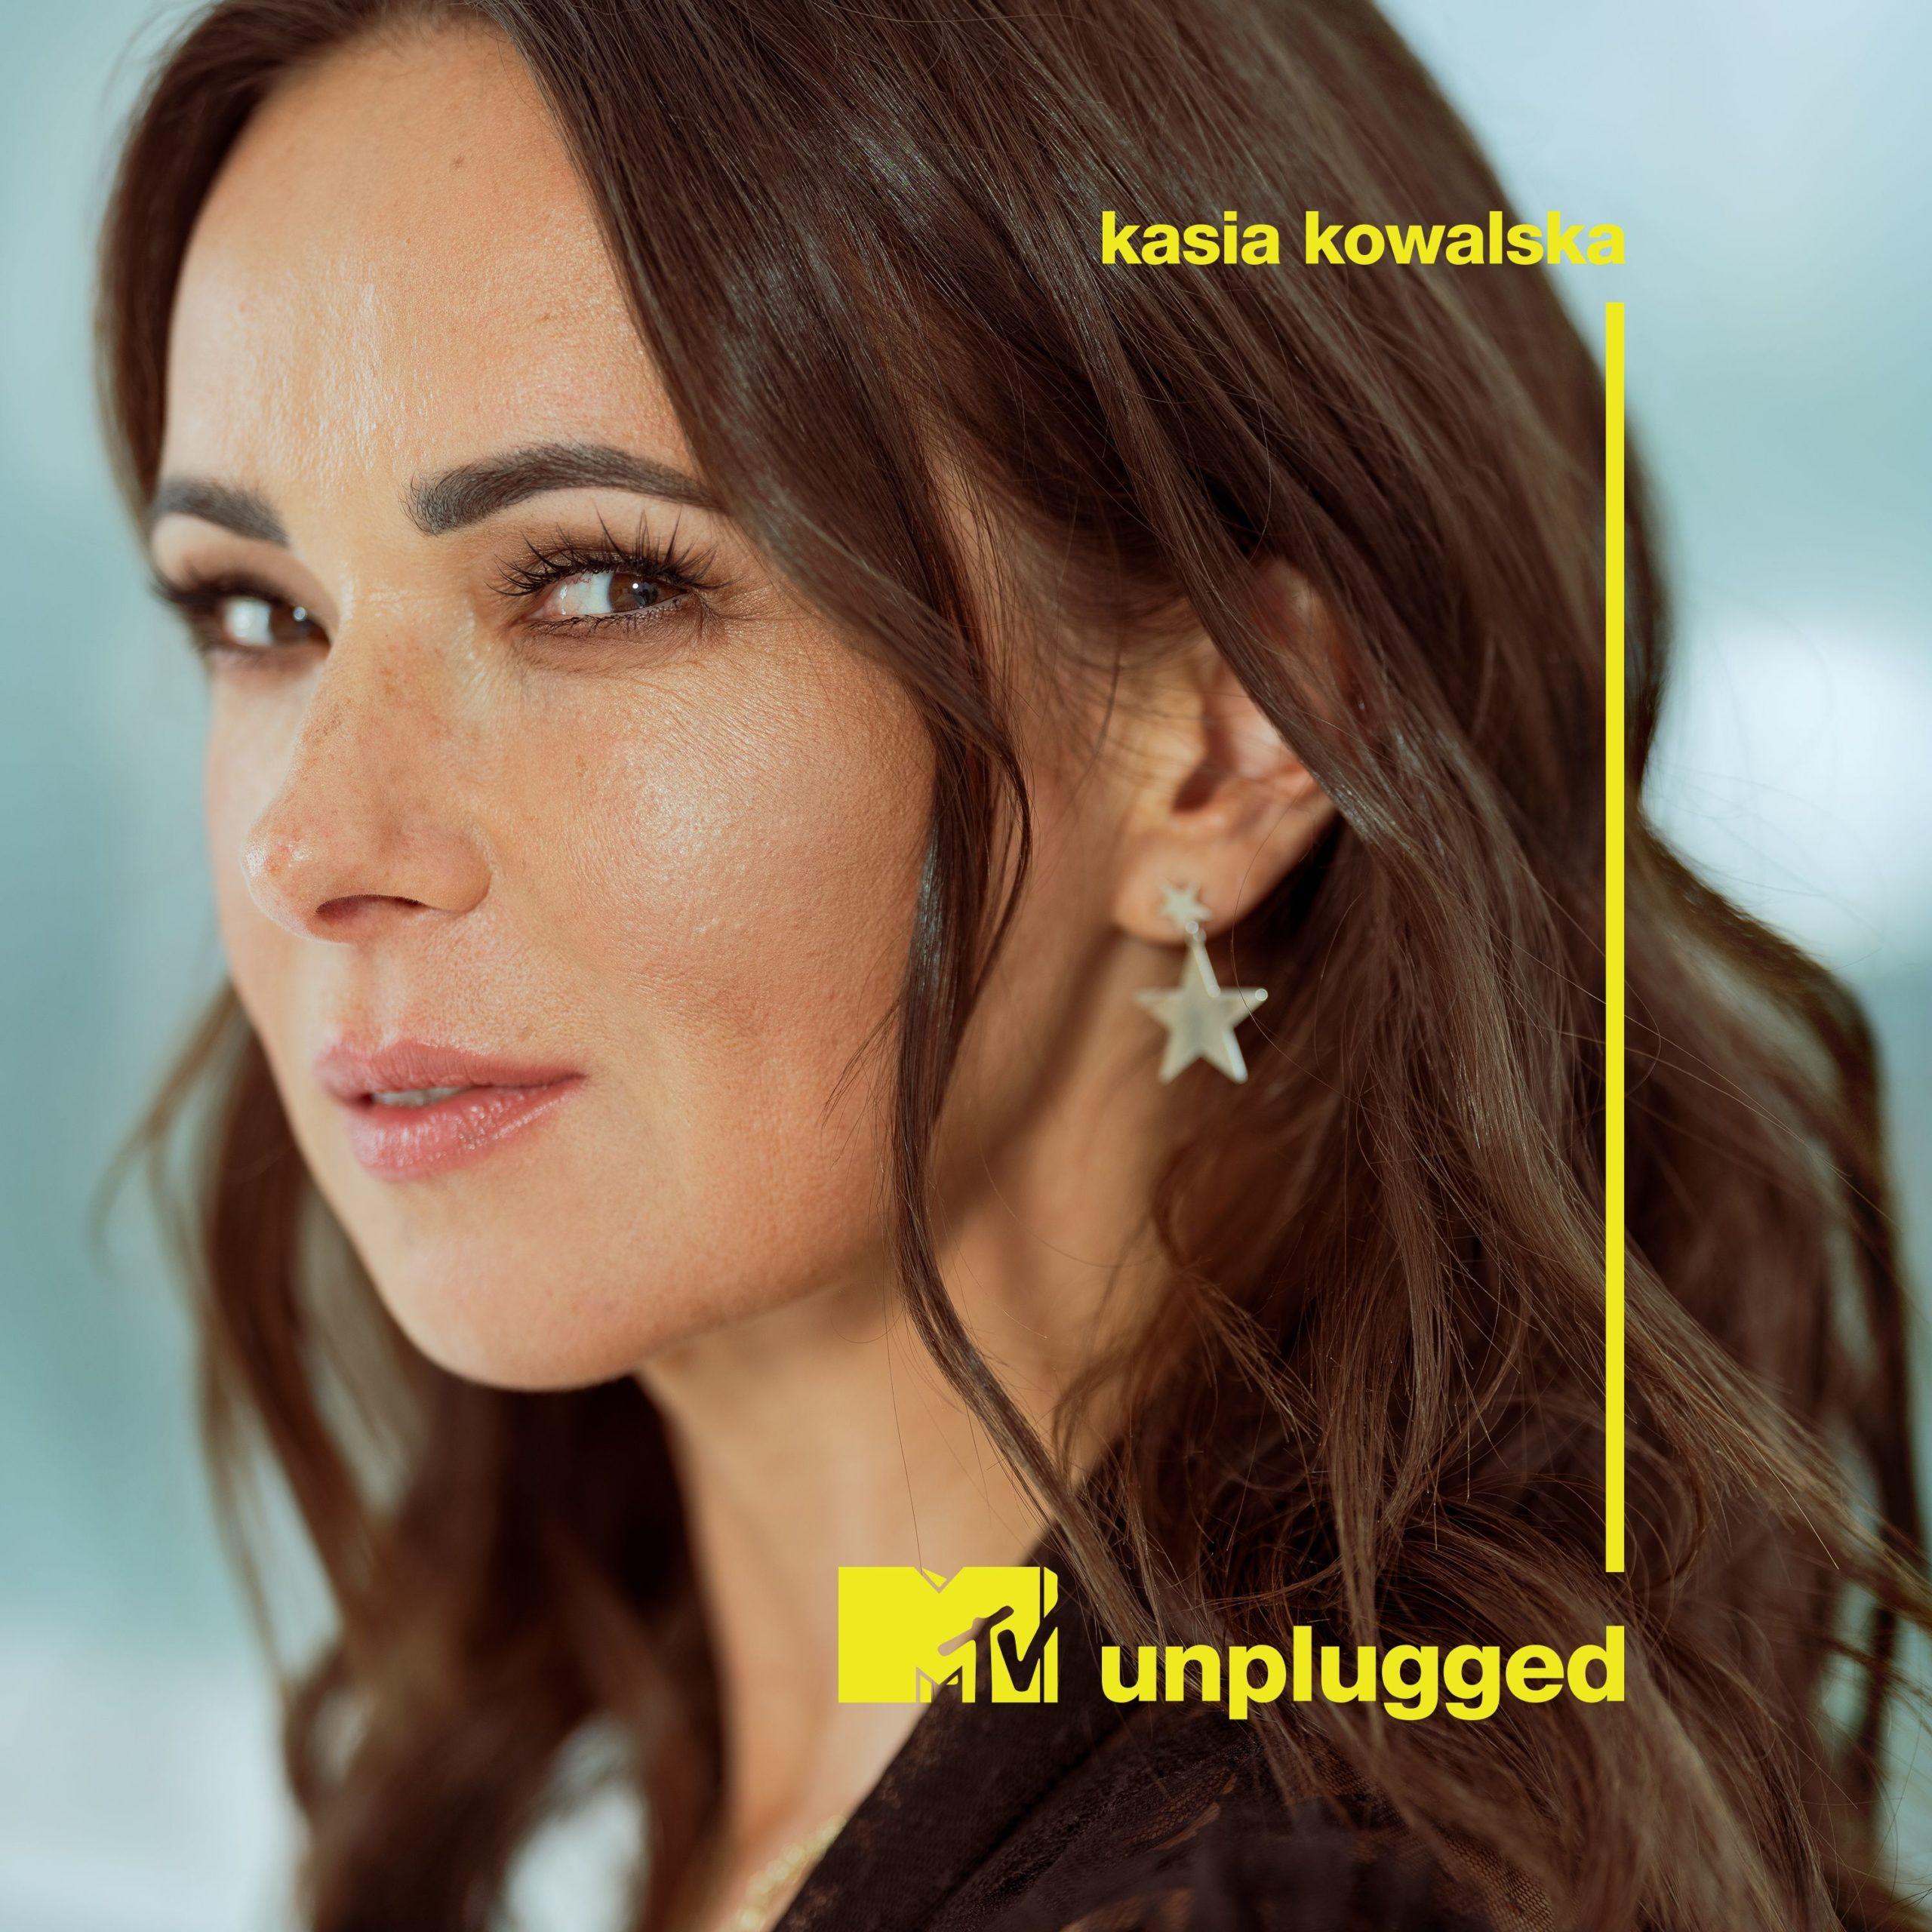 KOWALSKA KASIA – MTV Unplugged